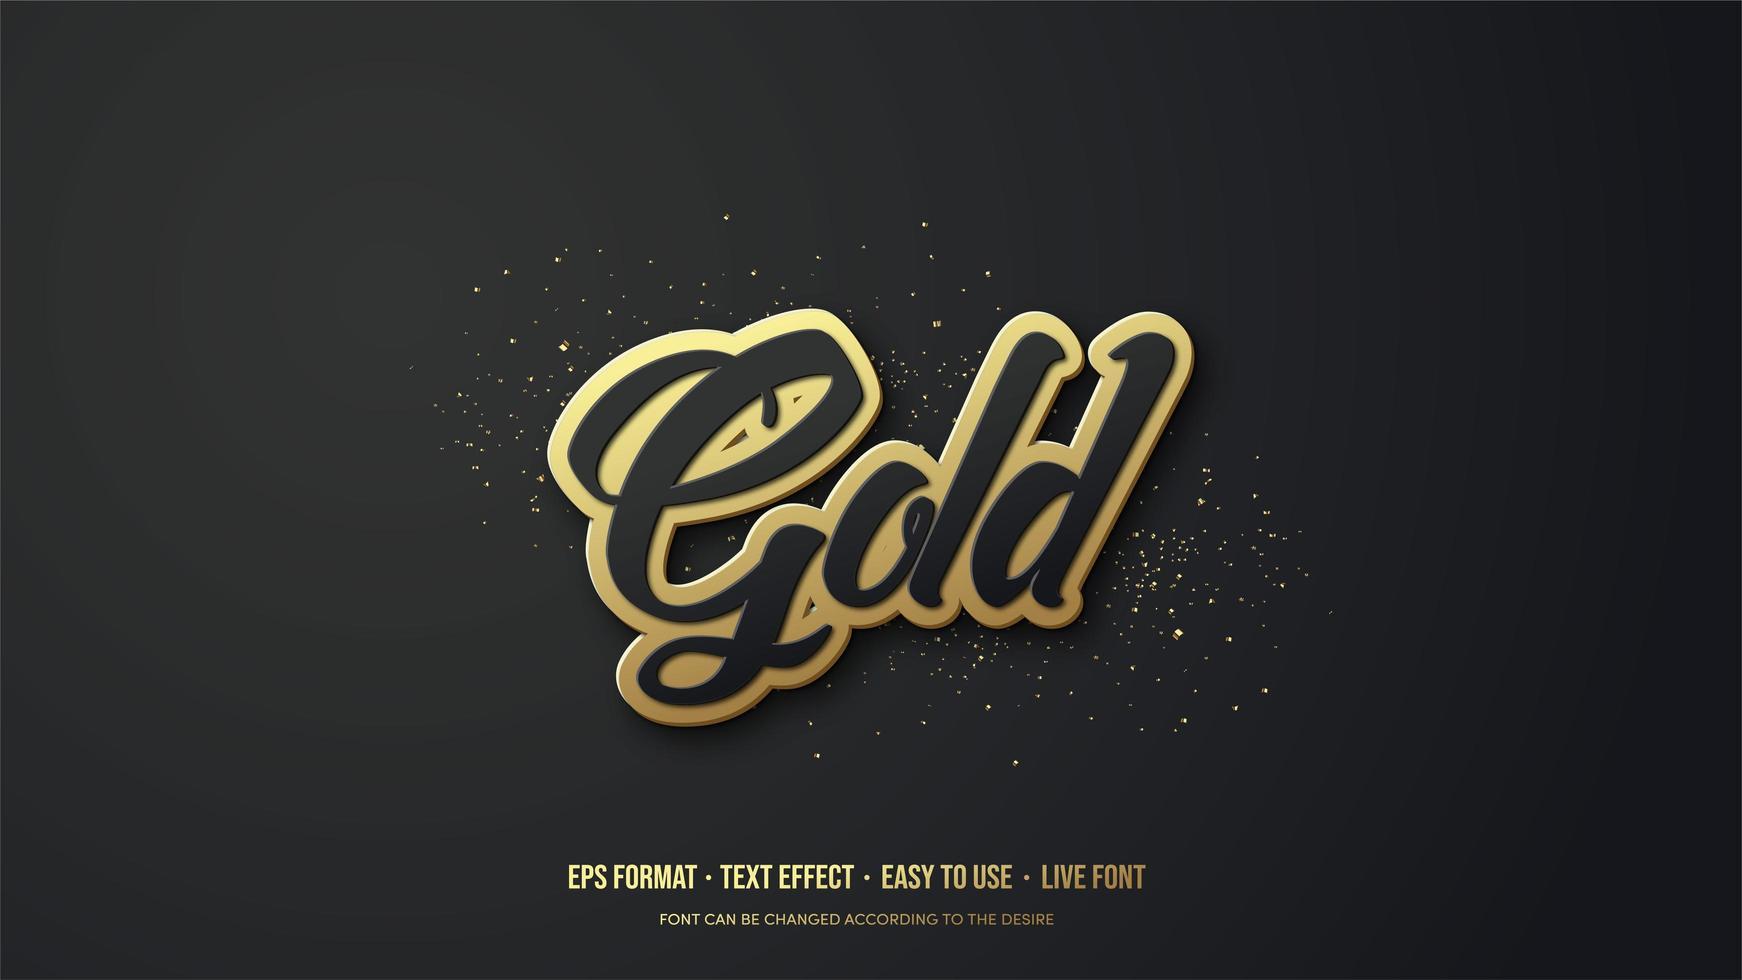 efeito de estilo de texto com escrita de ouro 3d vetor